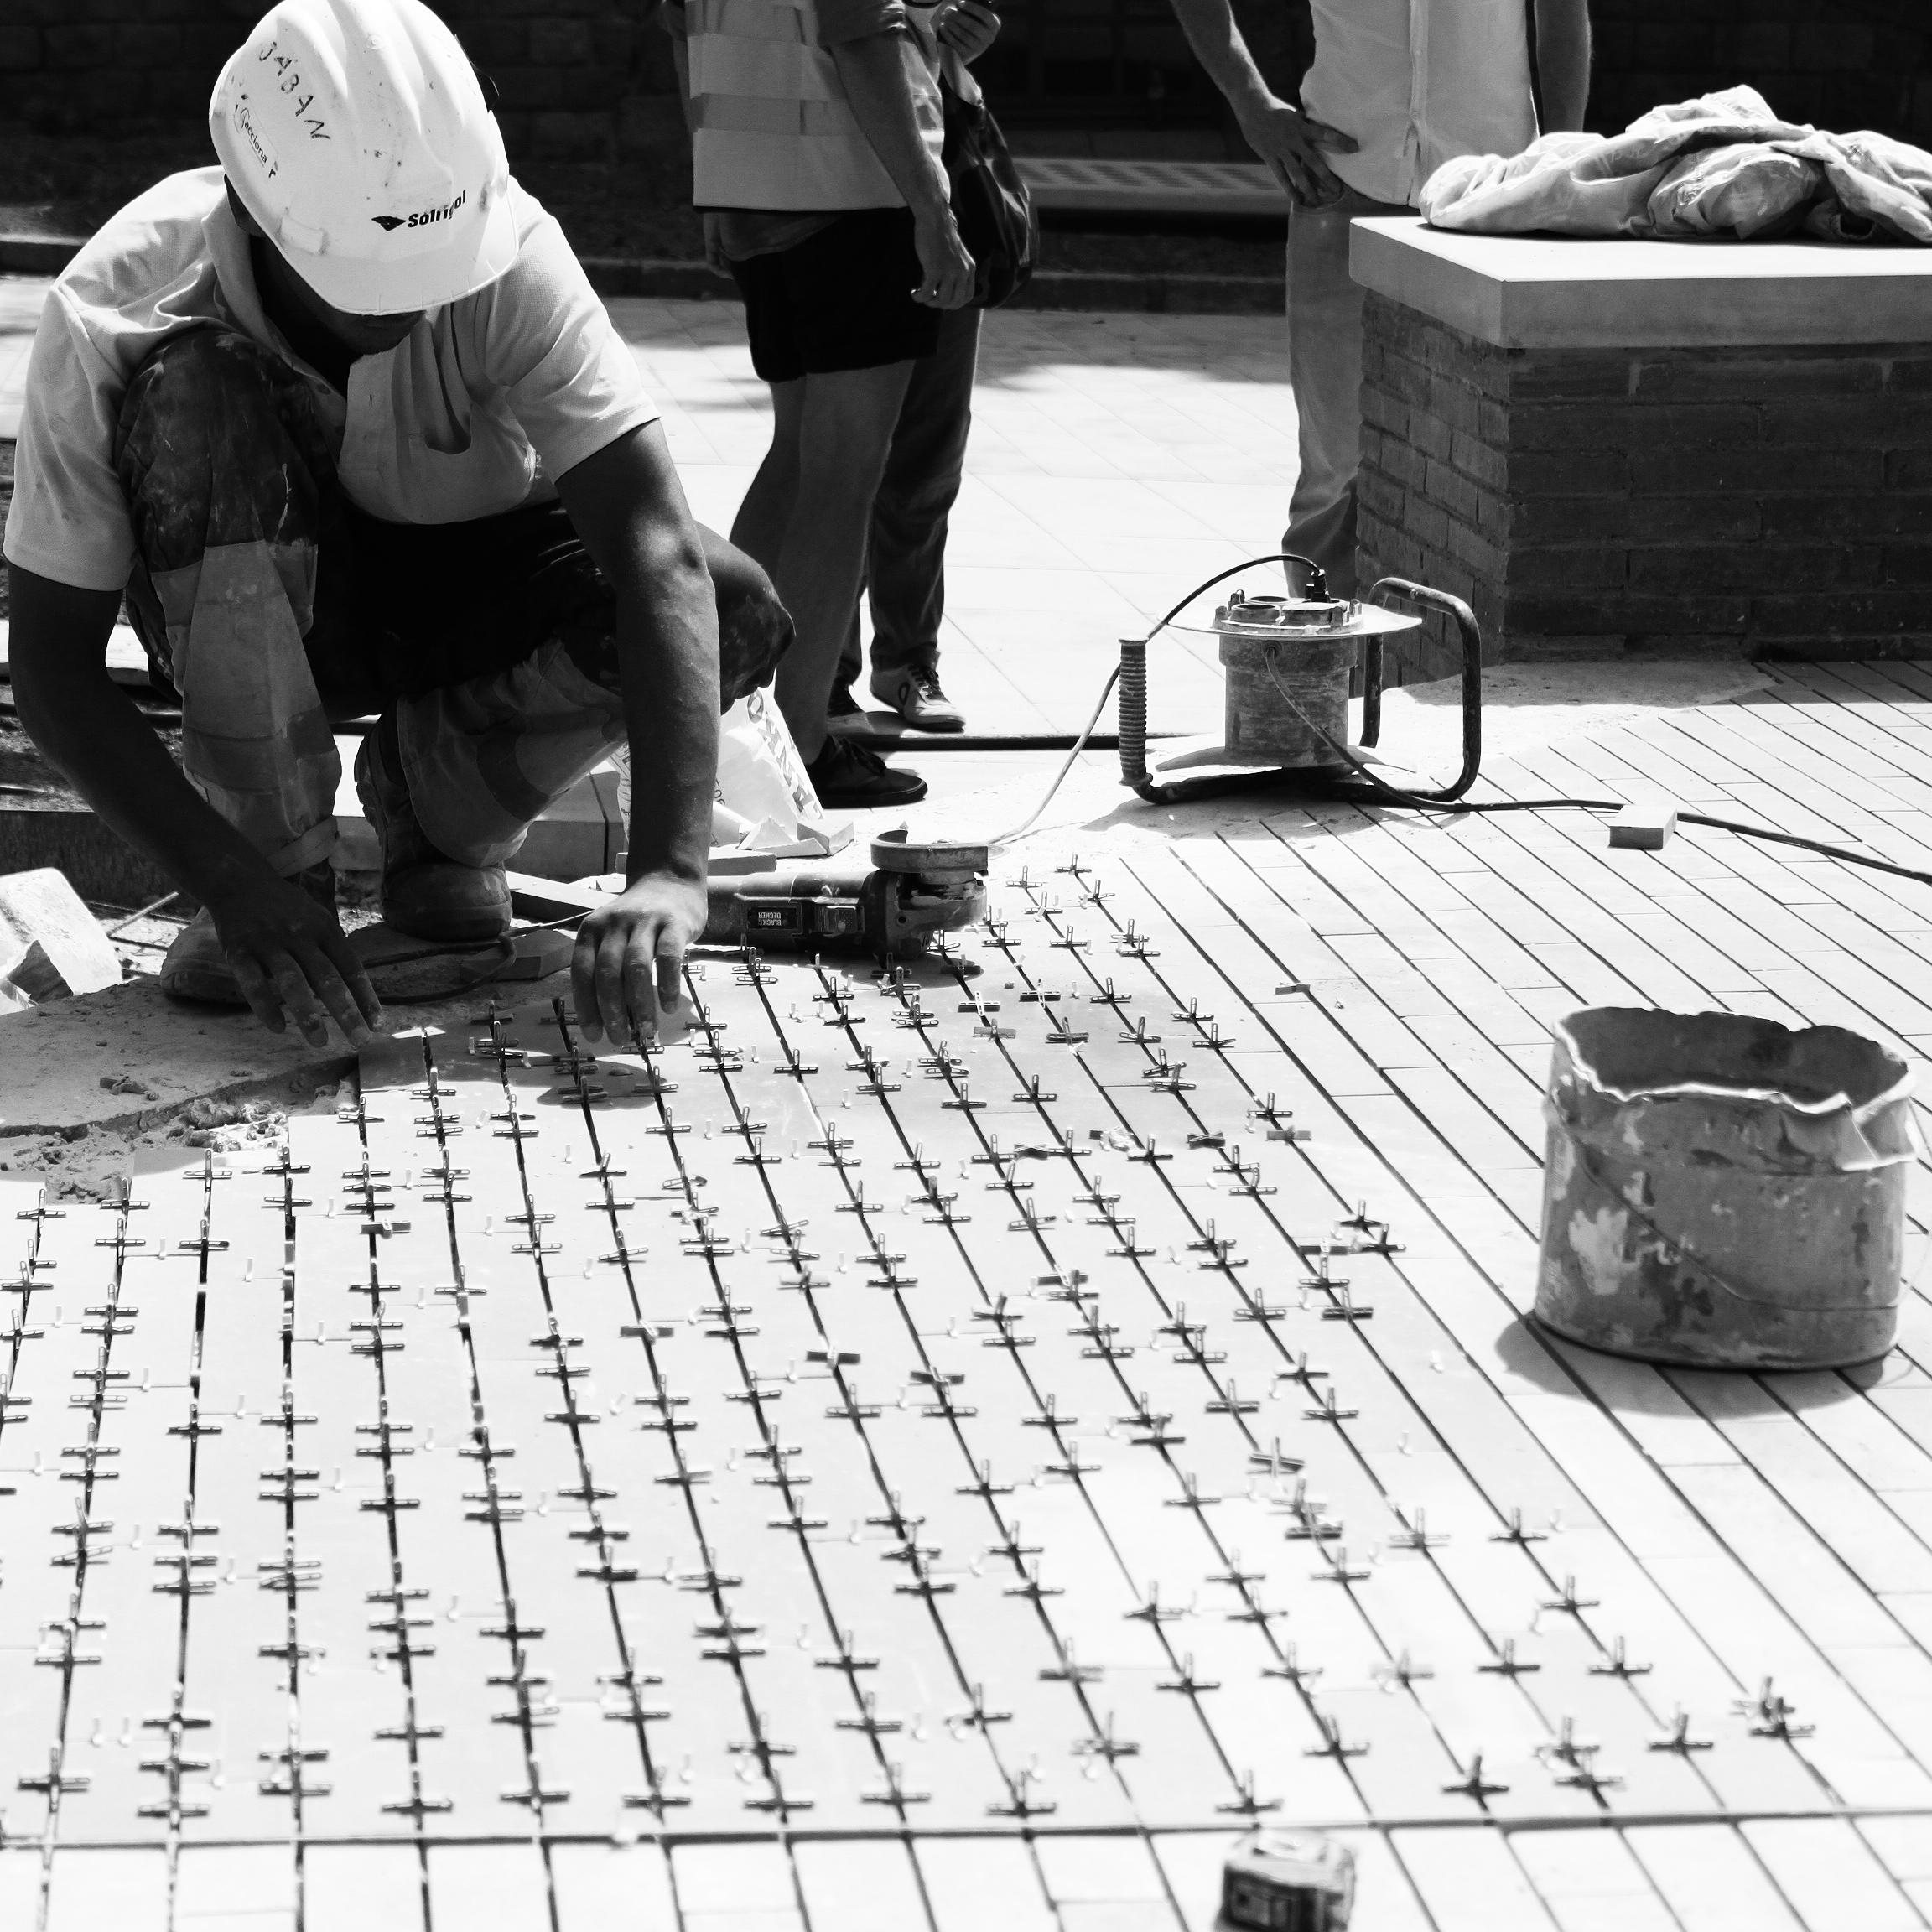 construccin de los jardines del recinto histrico del hospital de santa creu i sant pau